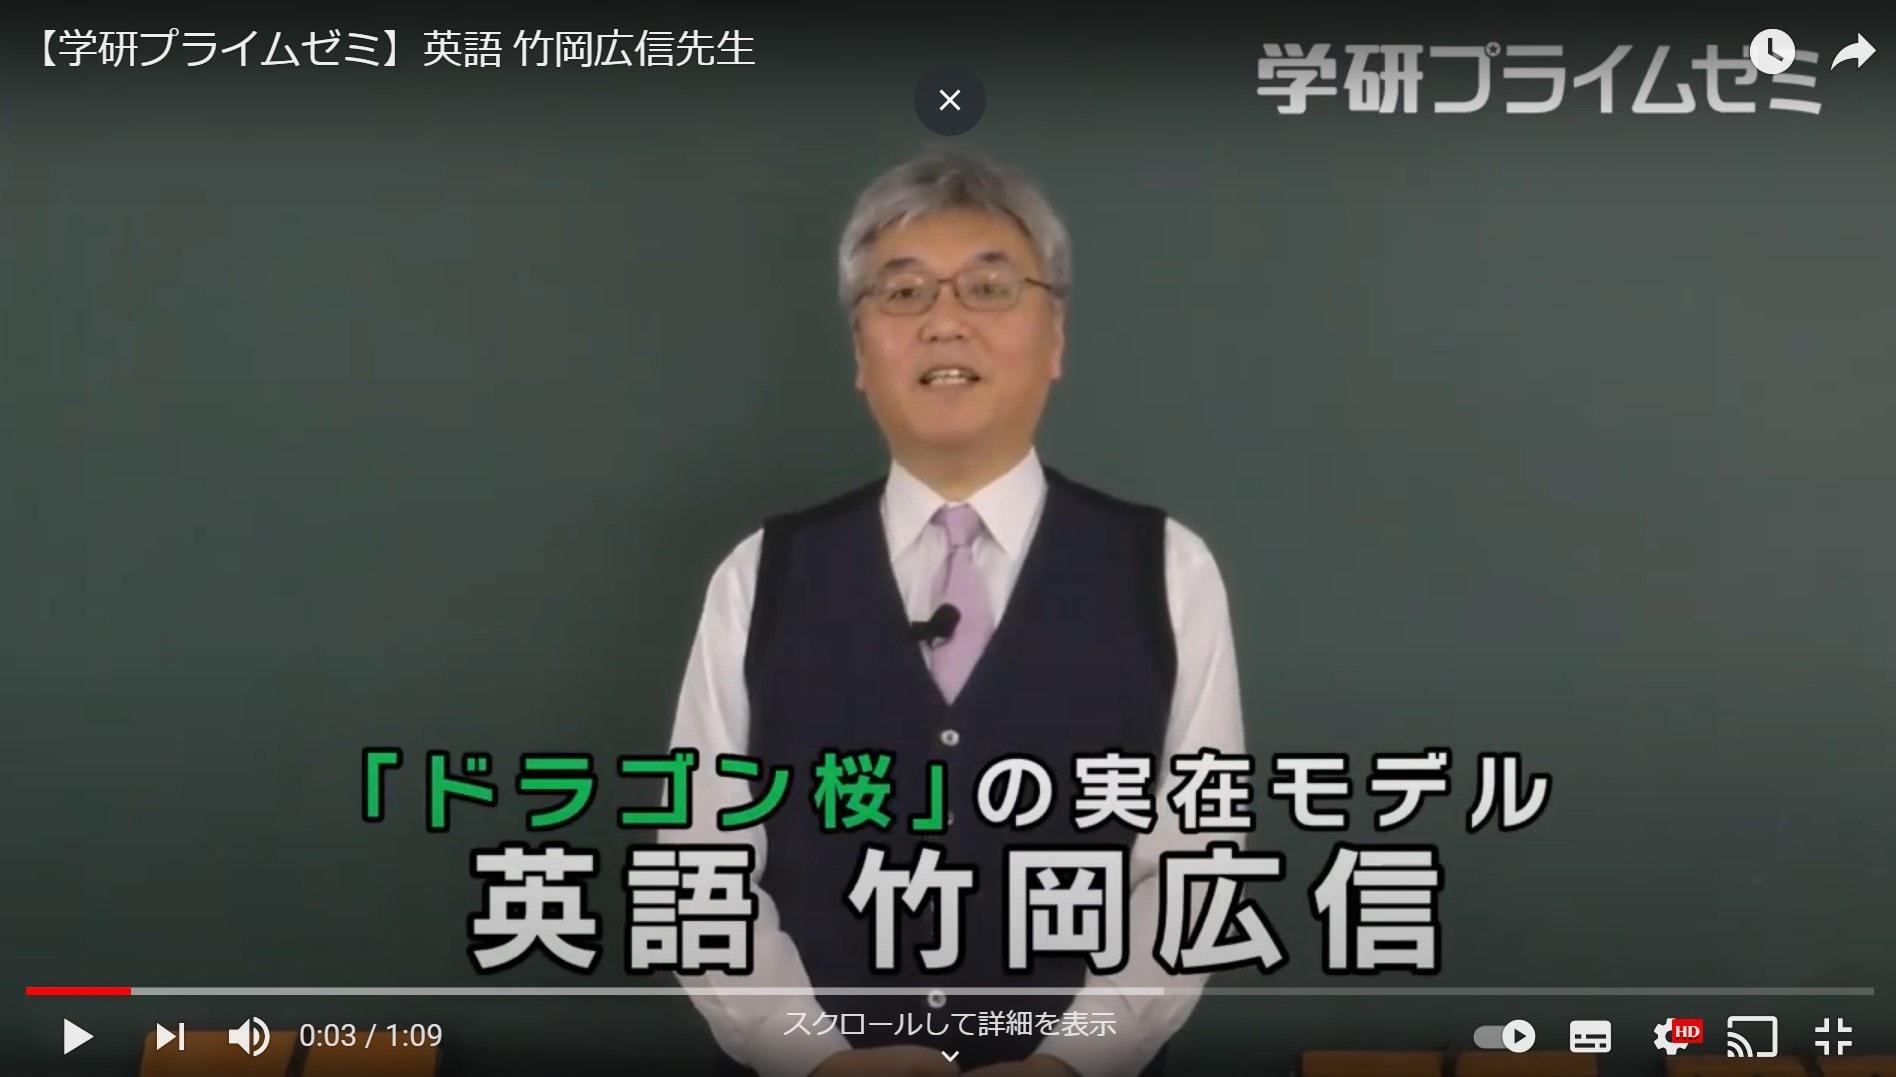 英語講師ランキング3位:竹岡広信(学研プライムゼミ・駿台予備校)